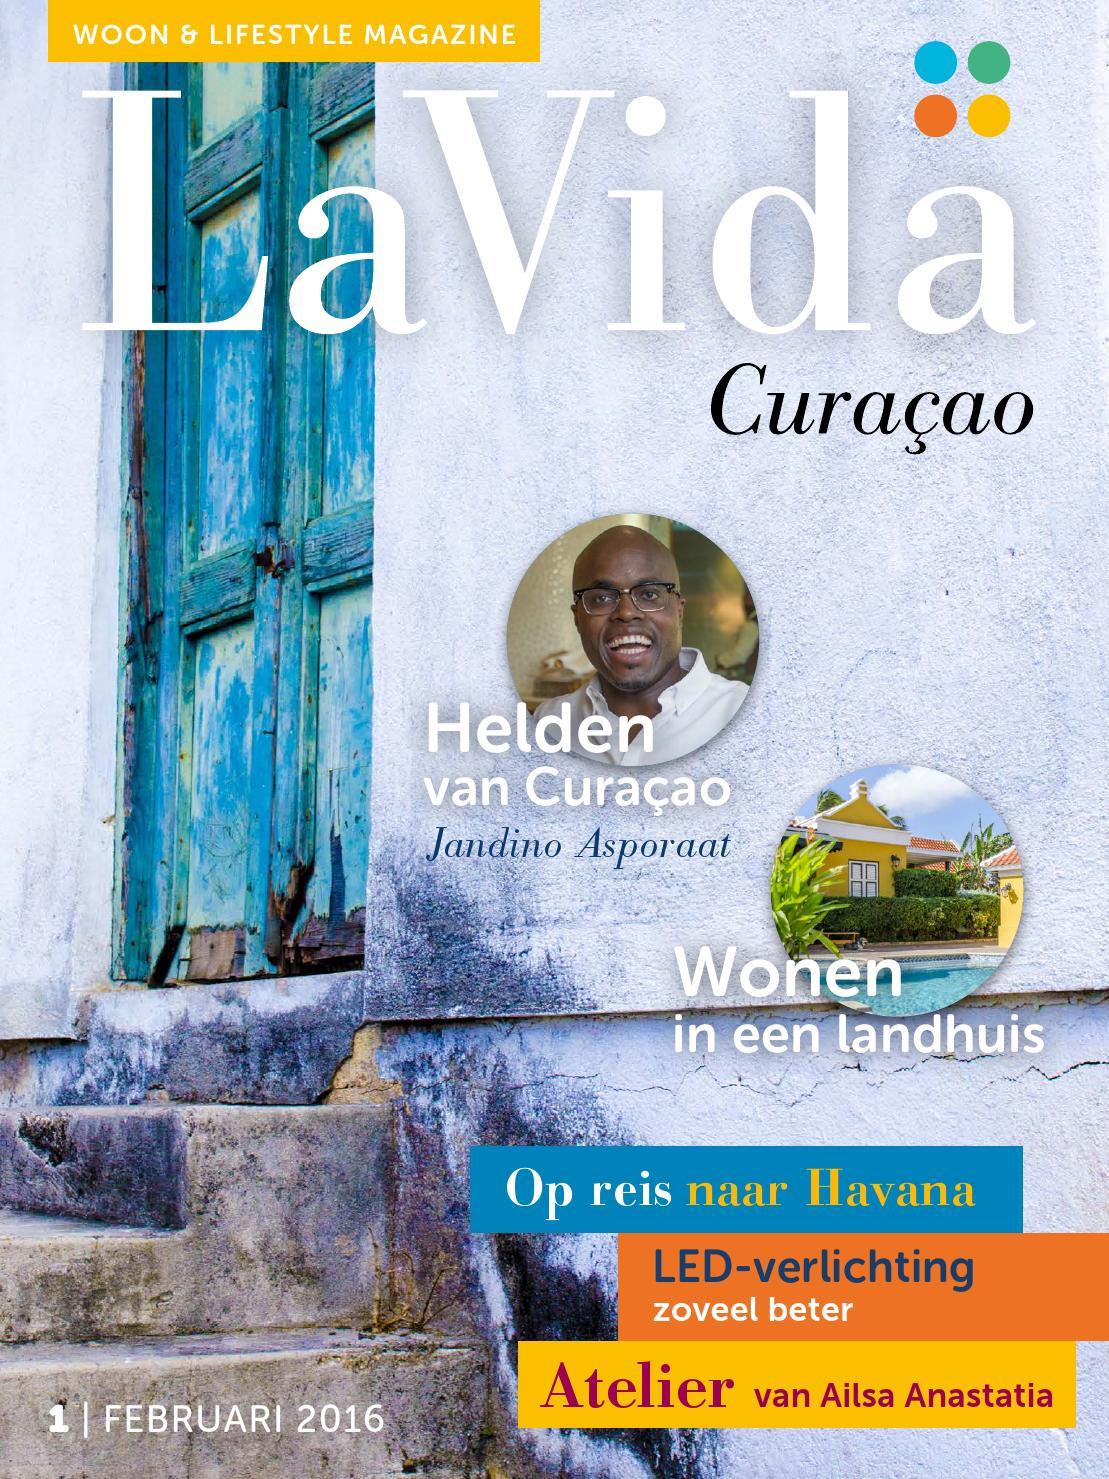 Lavida curaçao 2016 1 by lavida curacao   issuu